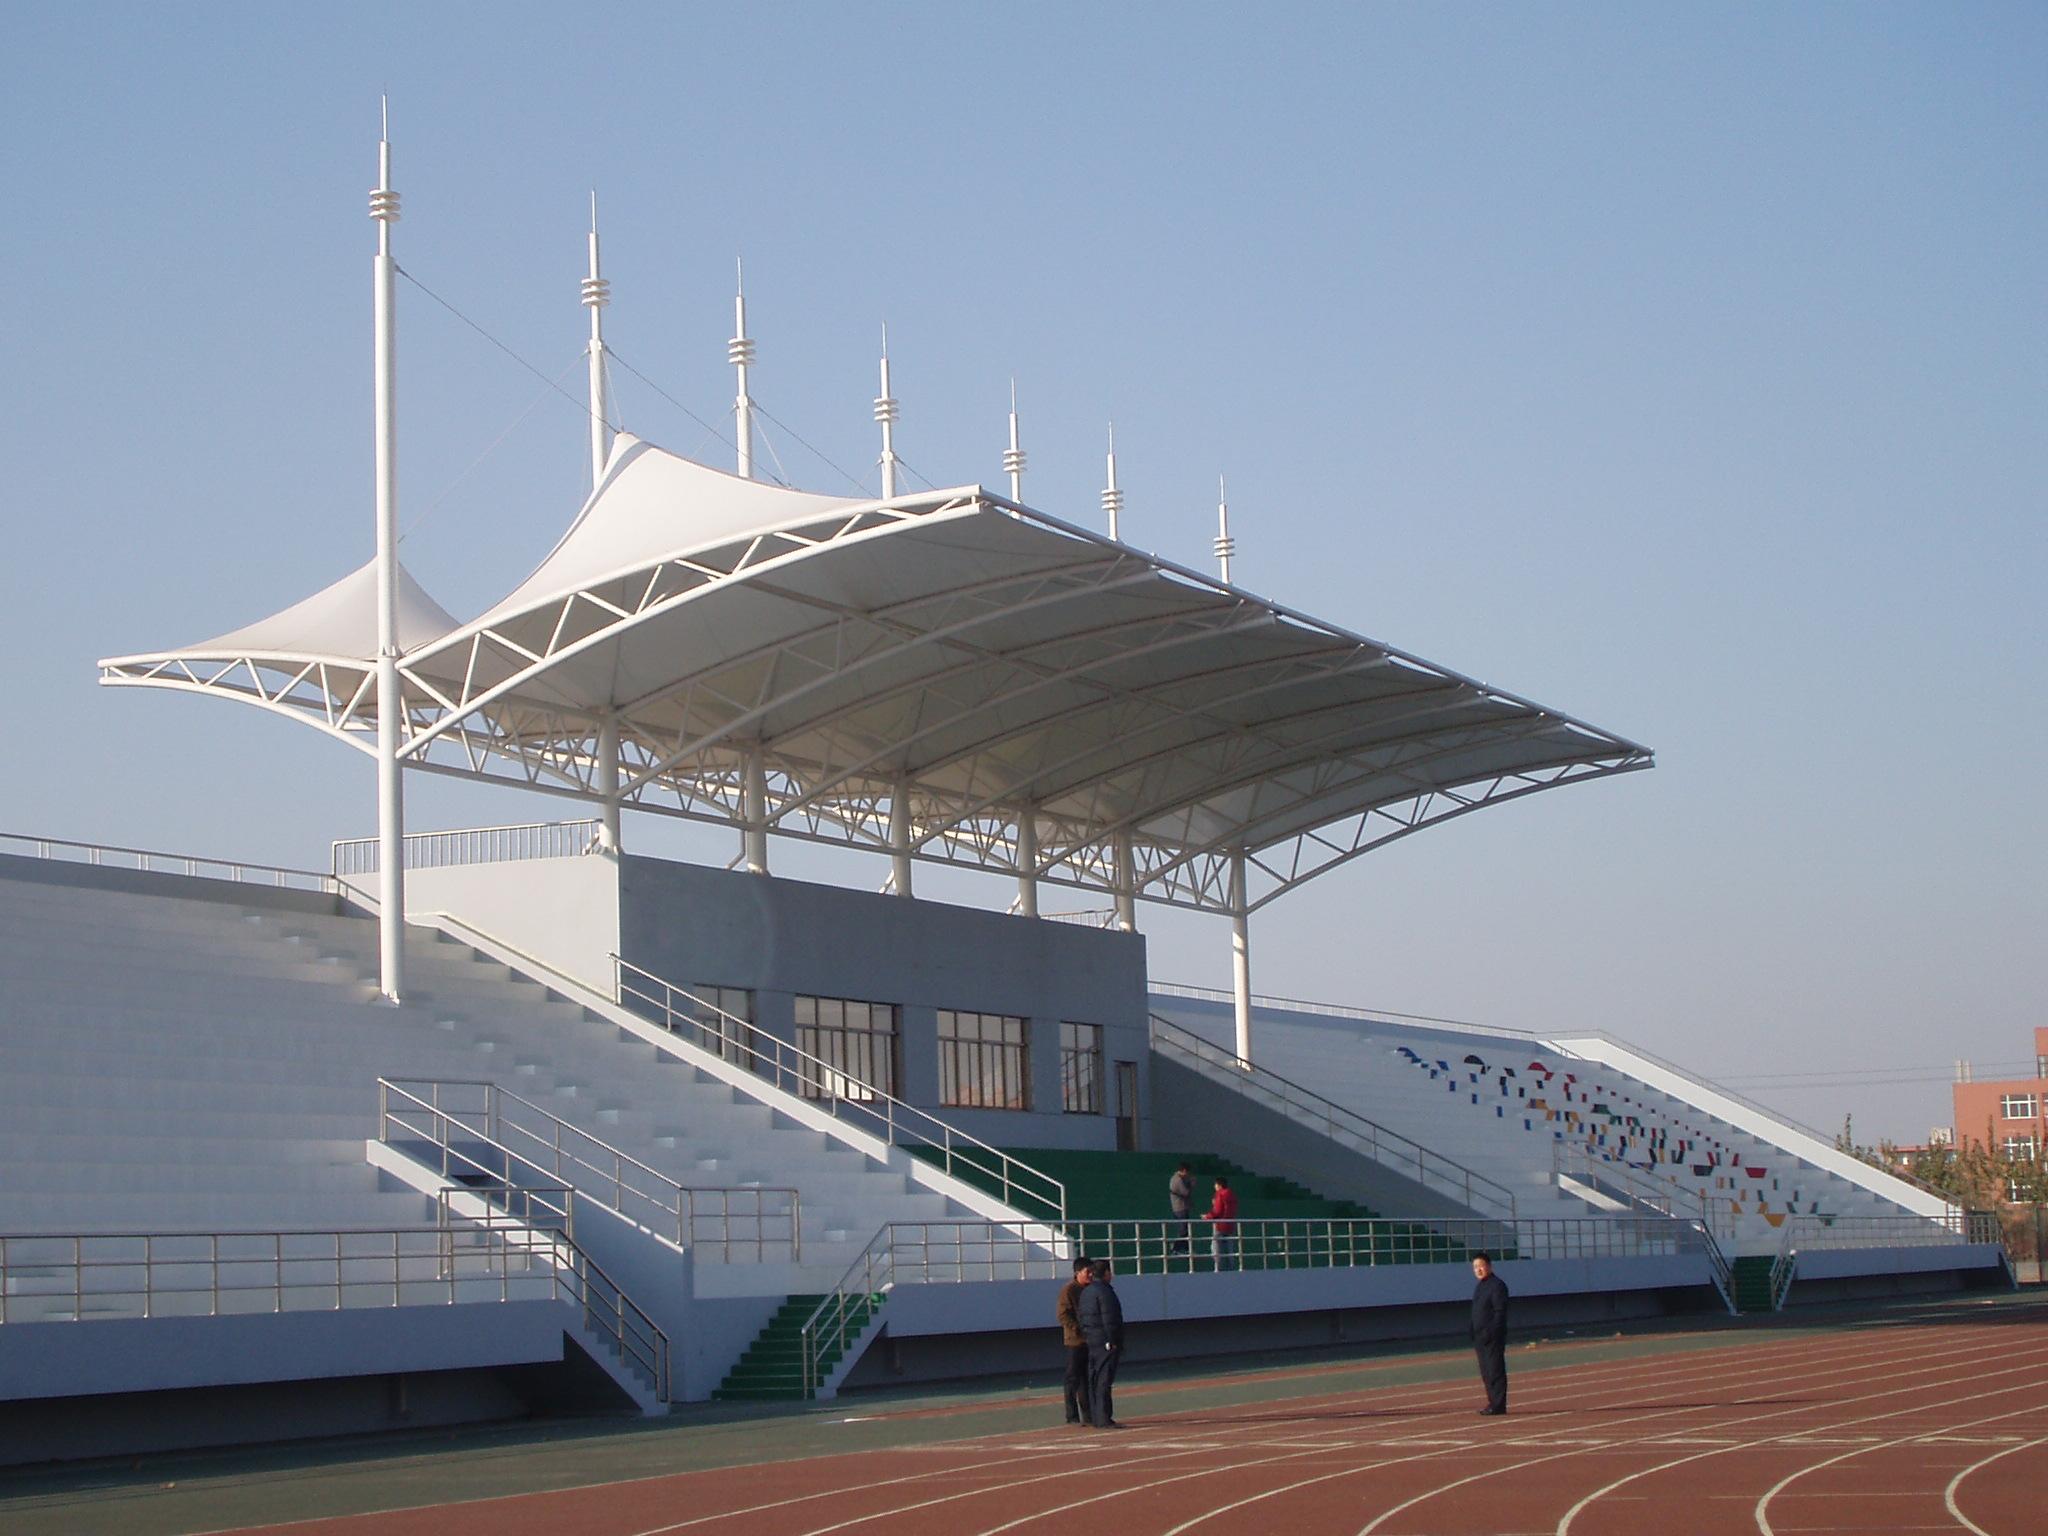 苏州膜结构体育场看台